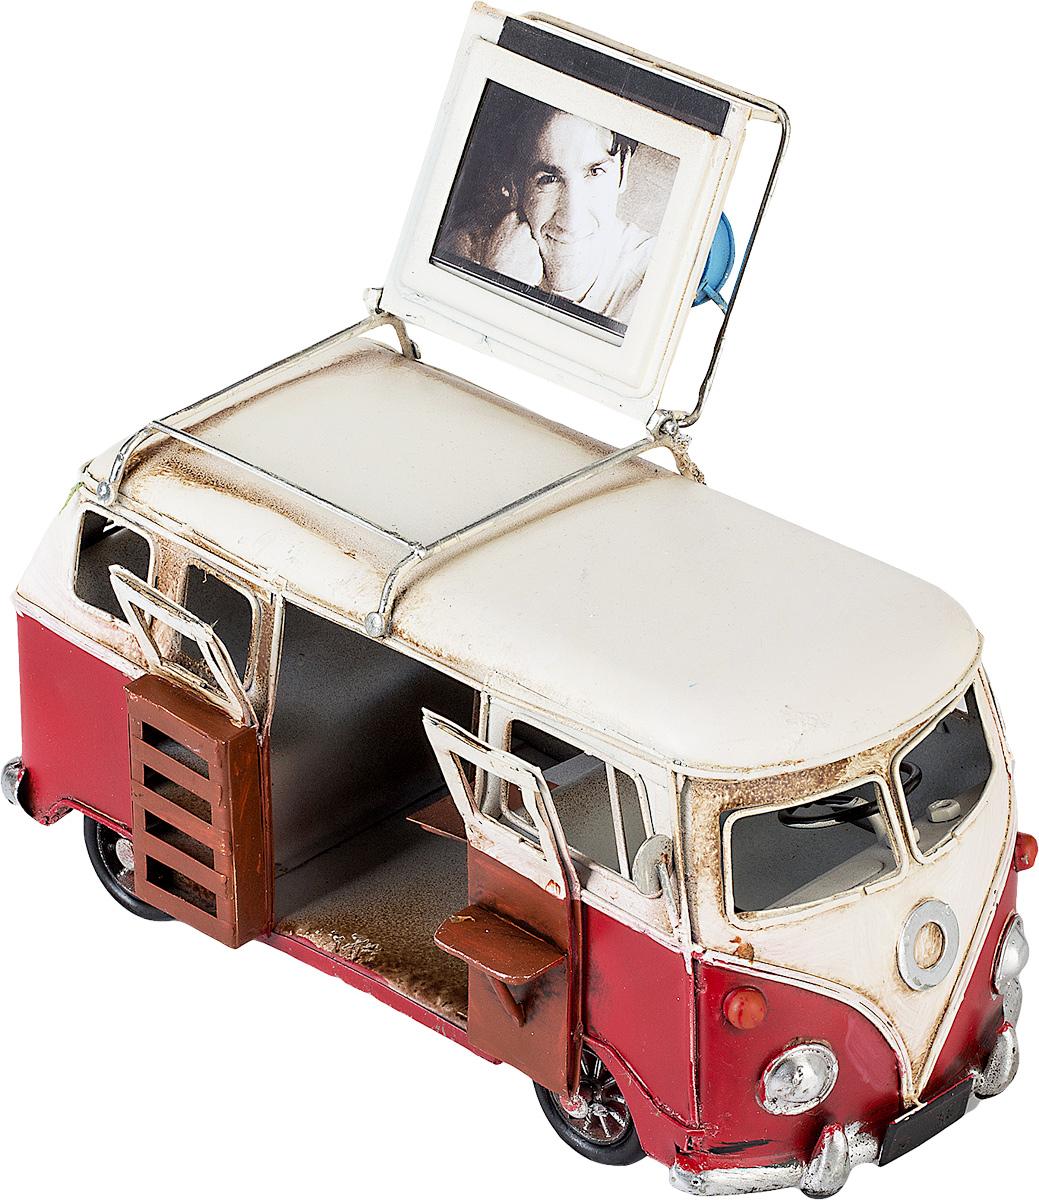 Модель Platinum Автобус, с фоторамкой. 1404E-43551404E-4355Модель Platinum Автобус, выполненная из металла, станет оригинальным украшением вашего интерьера. Вы можете поставить модель автобуса в любом месте, где она будет удачно смотреться.Изделие дополнено фоторамкой, куда вы можете вставить вашу любимую фотографию.Качество исполнения, точные детали и оригинальный дизайн выделяют эту модель среди ряда подобных. Модель займет достойное место в вашей коллекции, а также приятно удивит получателя в качестве стильного сувенира.Размер фотографии: 4 х 5 см.